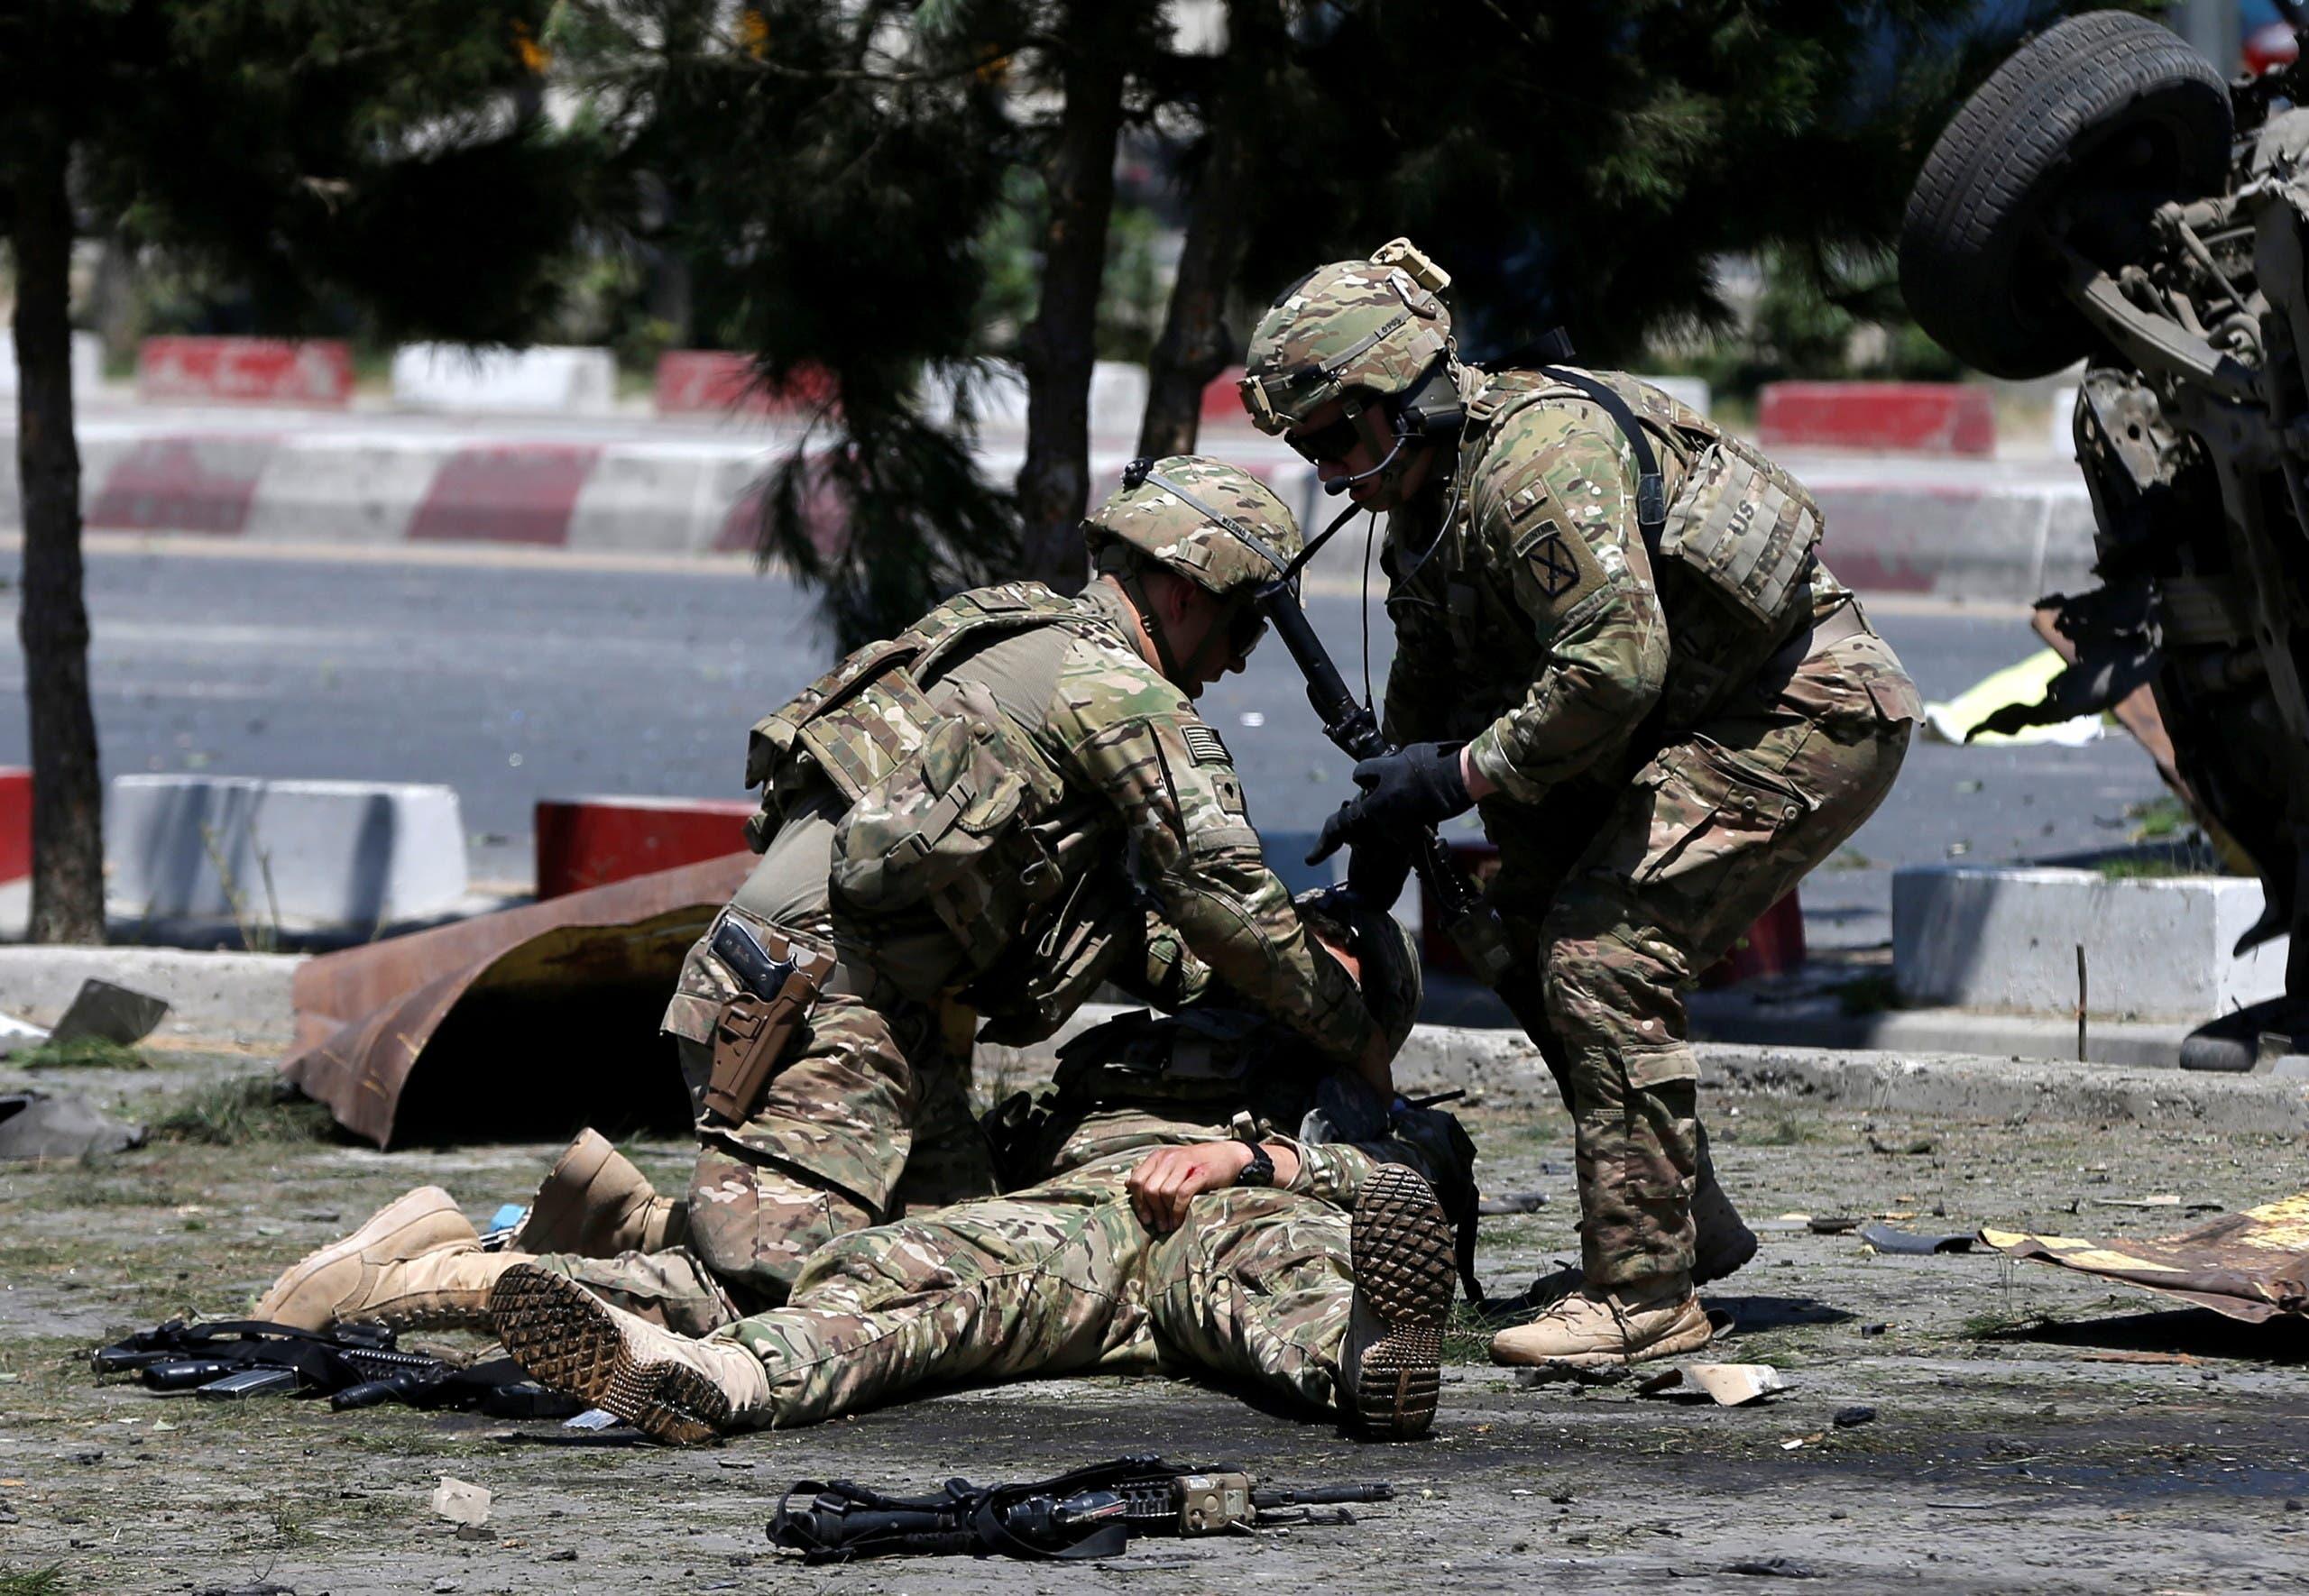 جنديان أميركيان يسعفان زميلهما بعد انفجار في كابول في 2015